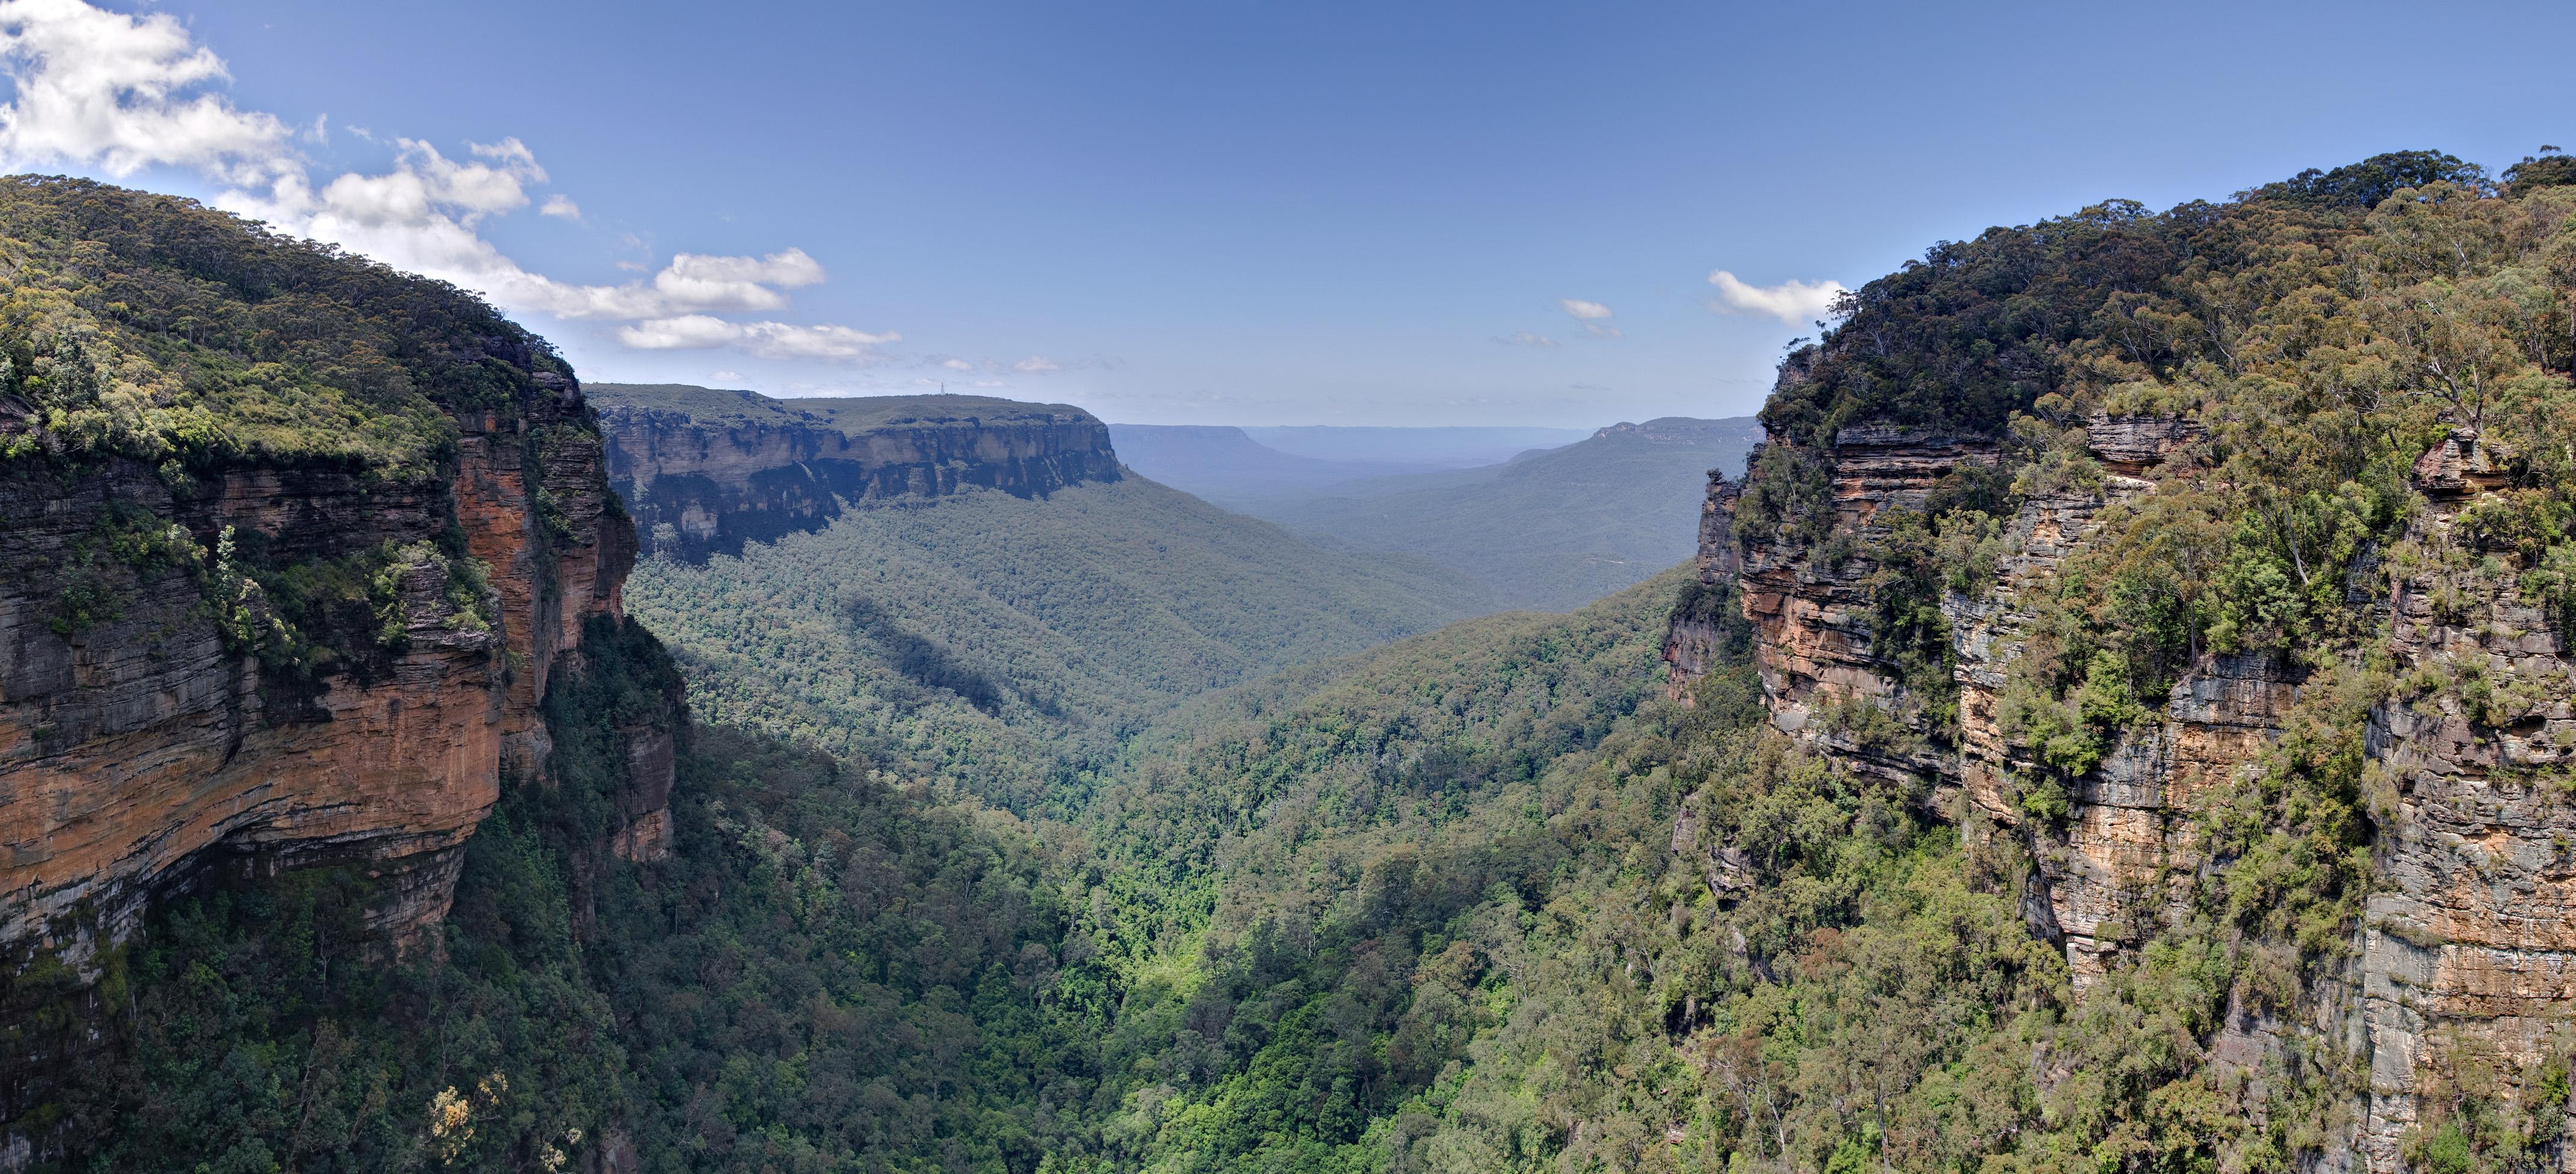 Jamison Valley, Blue Mountains, Australia - Nov 2008.jpg